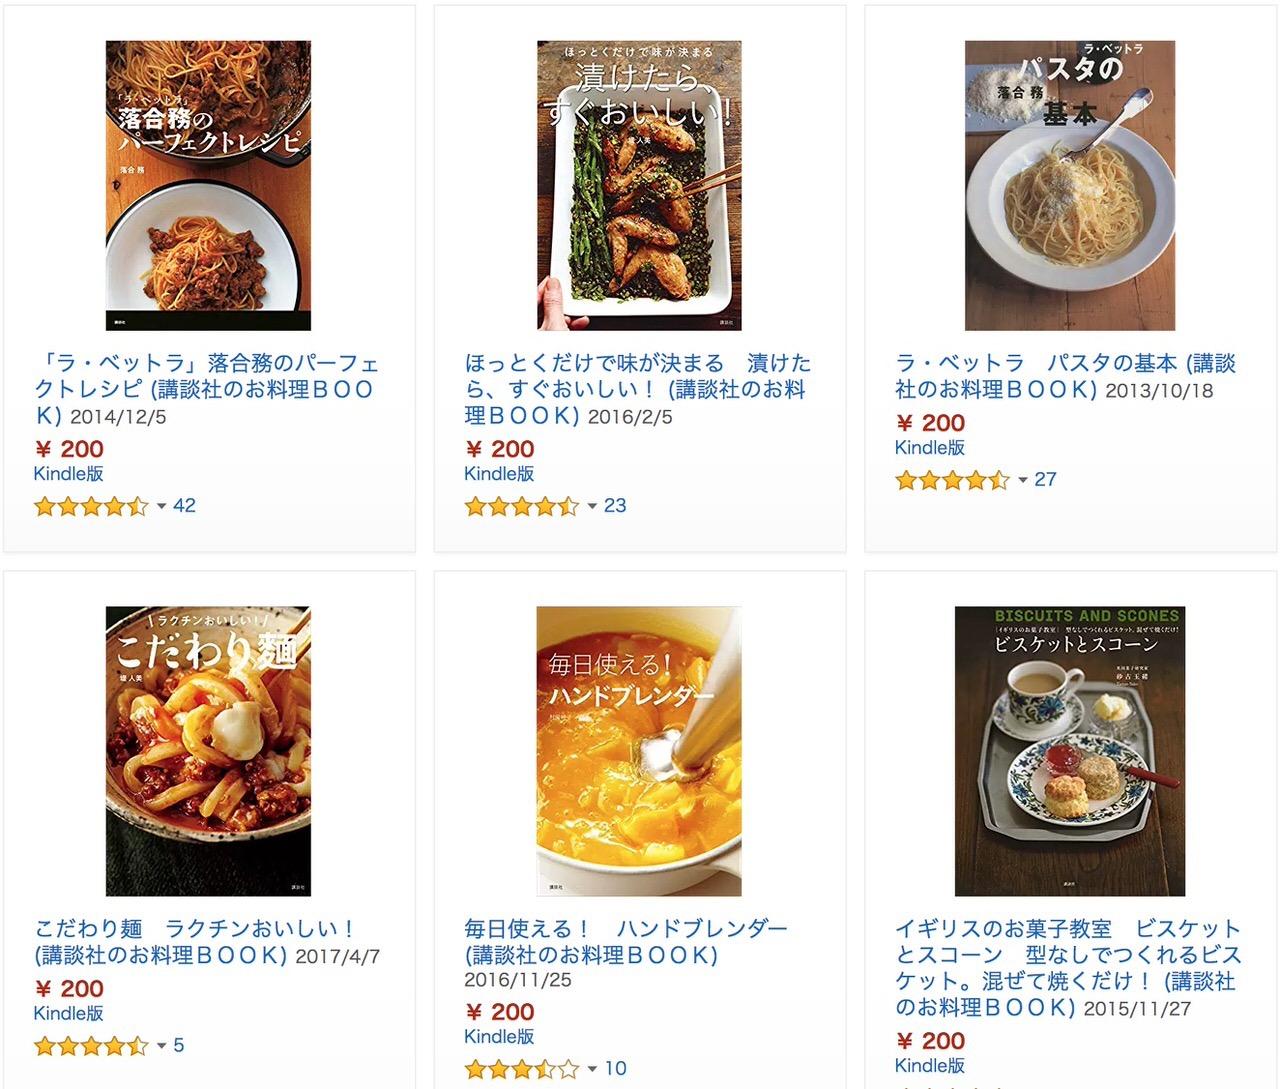 【Kindleセール】200円均一「お料理本フェア」(9/13まで)